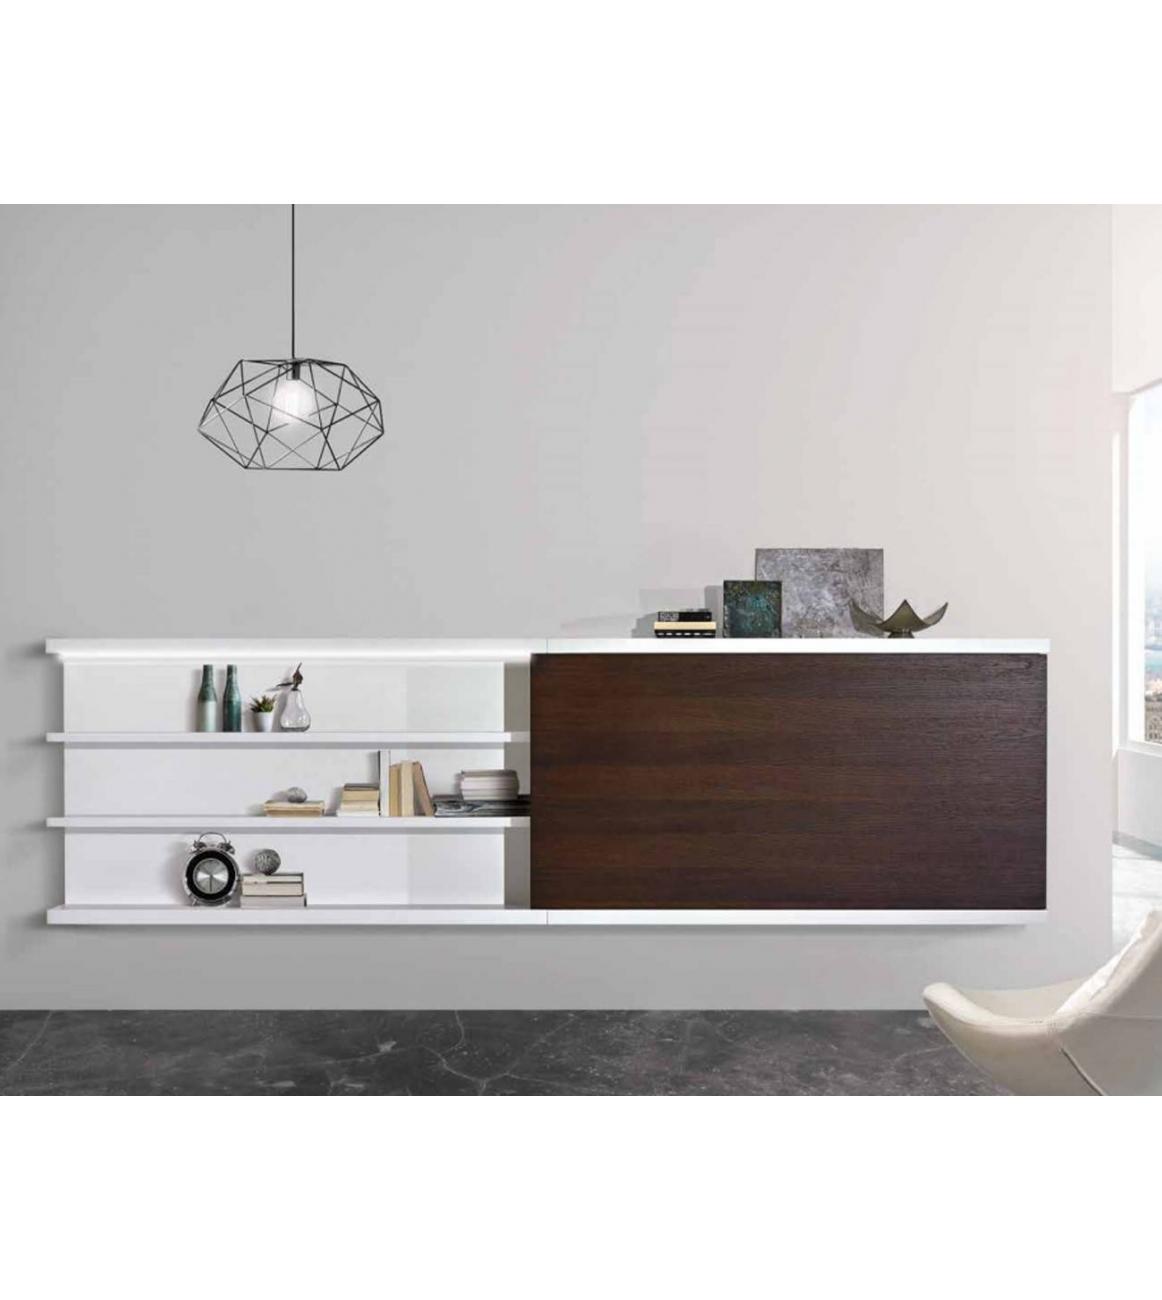 Struttura porta tv mensole con luce a ledbekreative for Mensole porta quadri